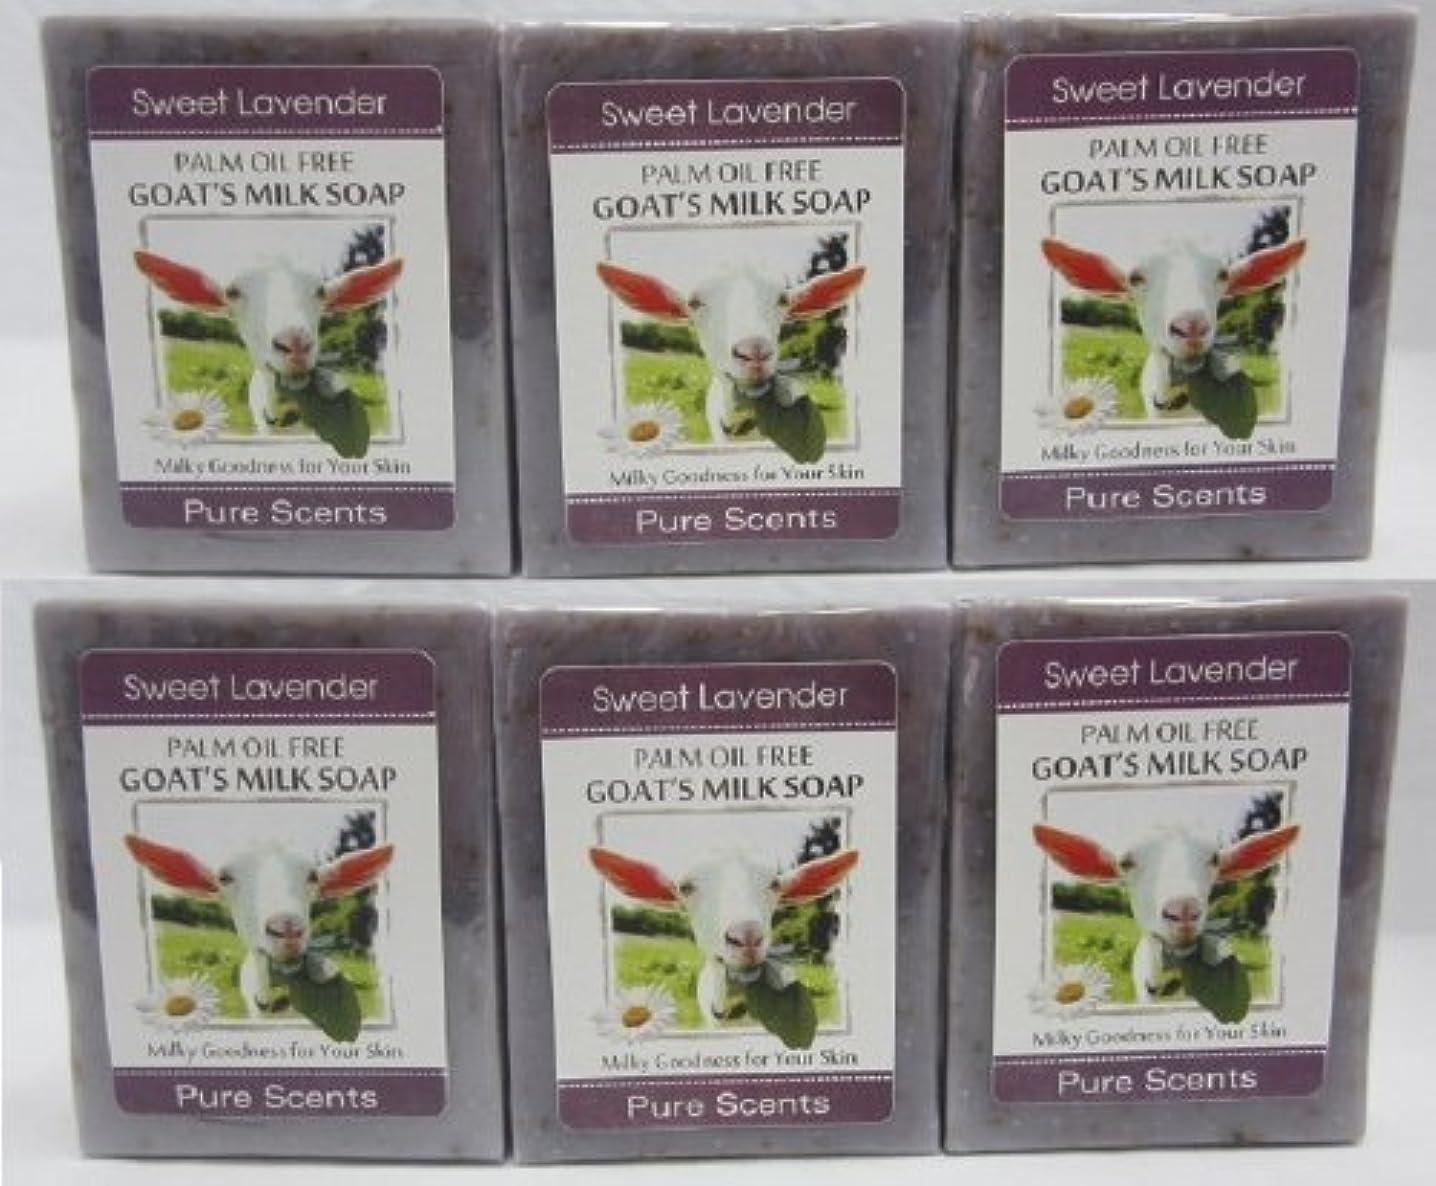 ビール移行前件【Pure Scents】Goat's Milk Soap ヤギのミルクせっけん 6個セット Sweet Lavender スイートラベンダー